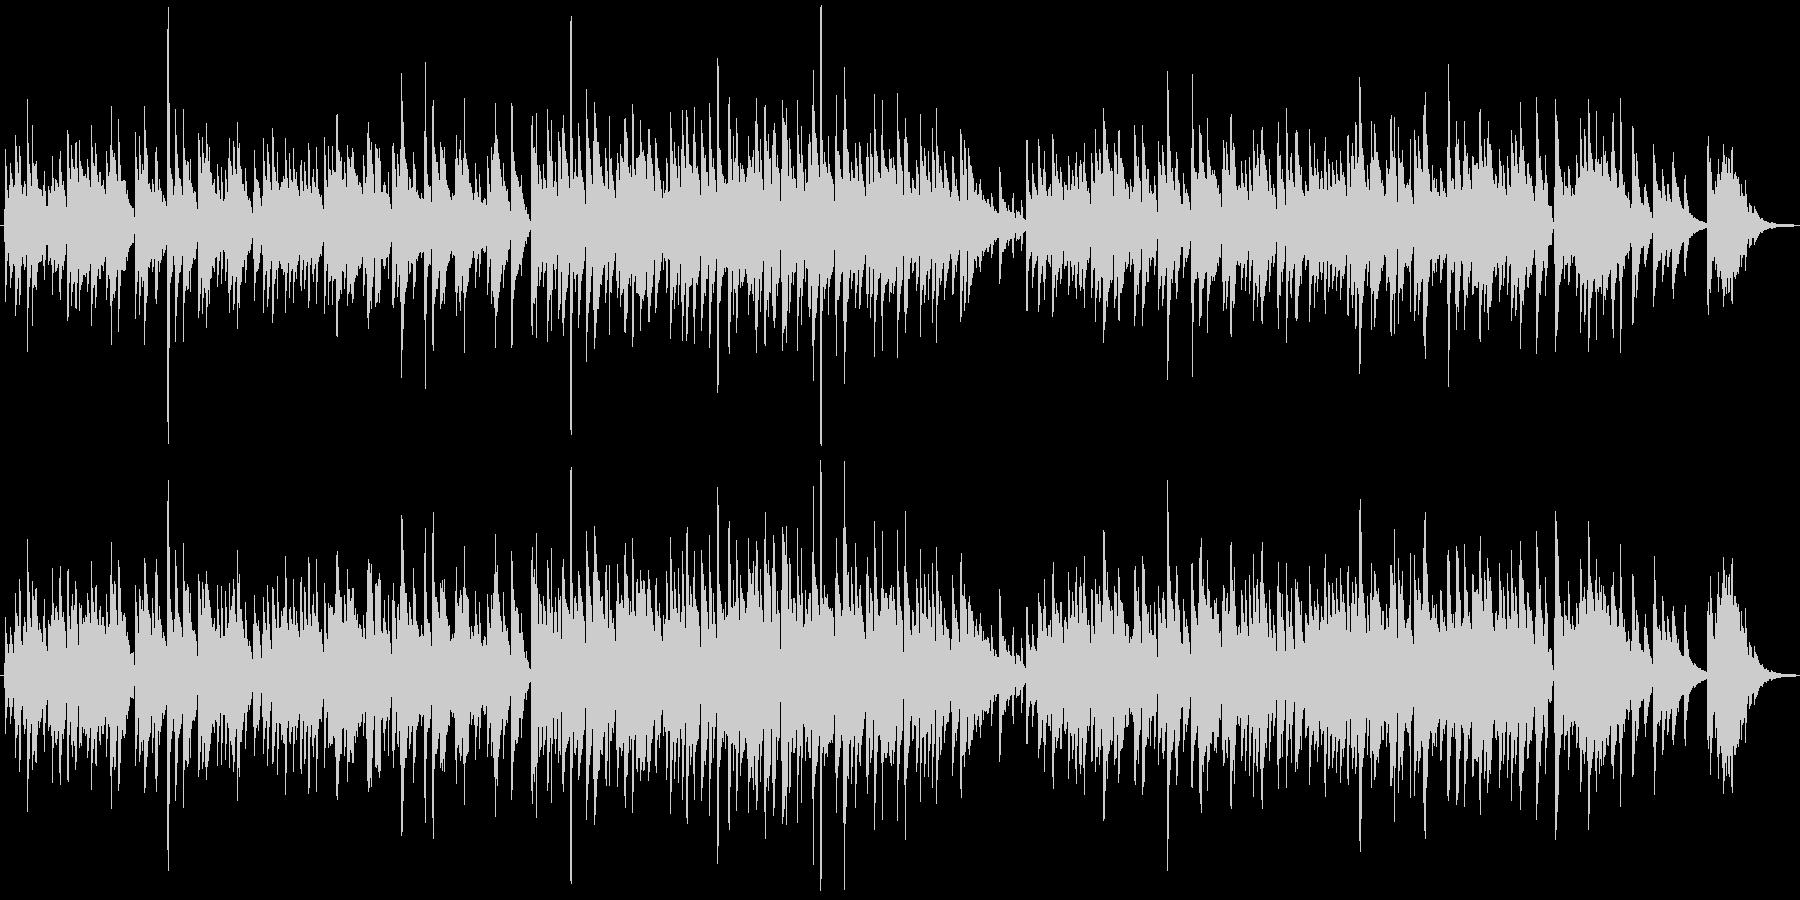 ギターデュオの生演奏による感動的な曲の未再生の波形